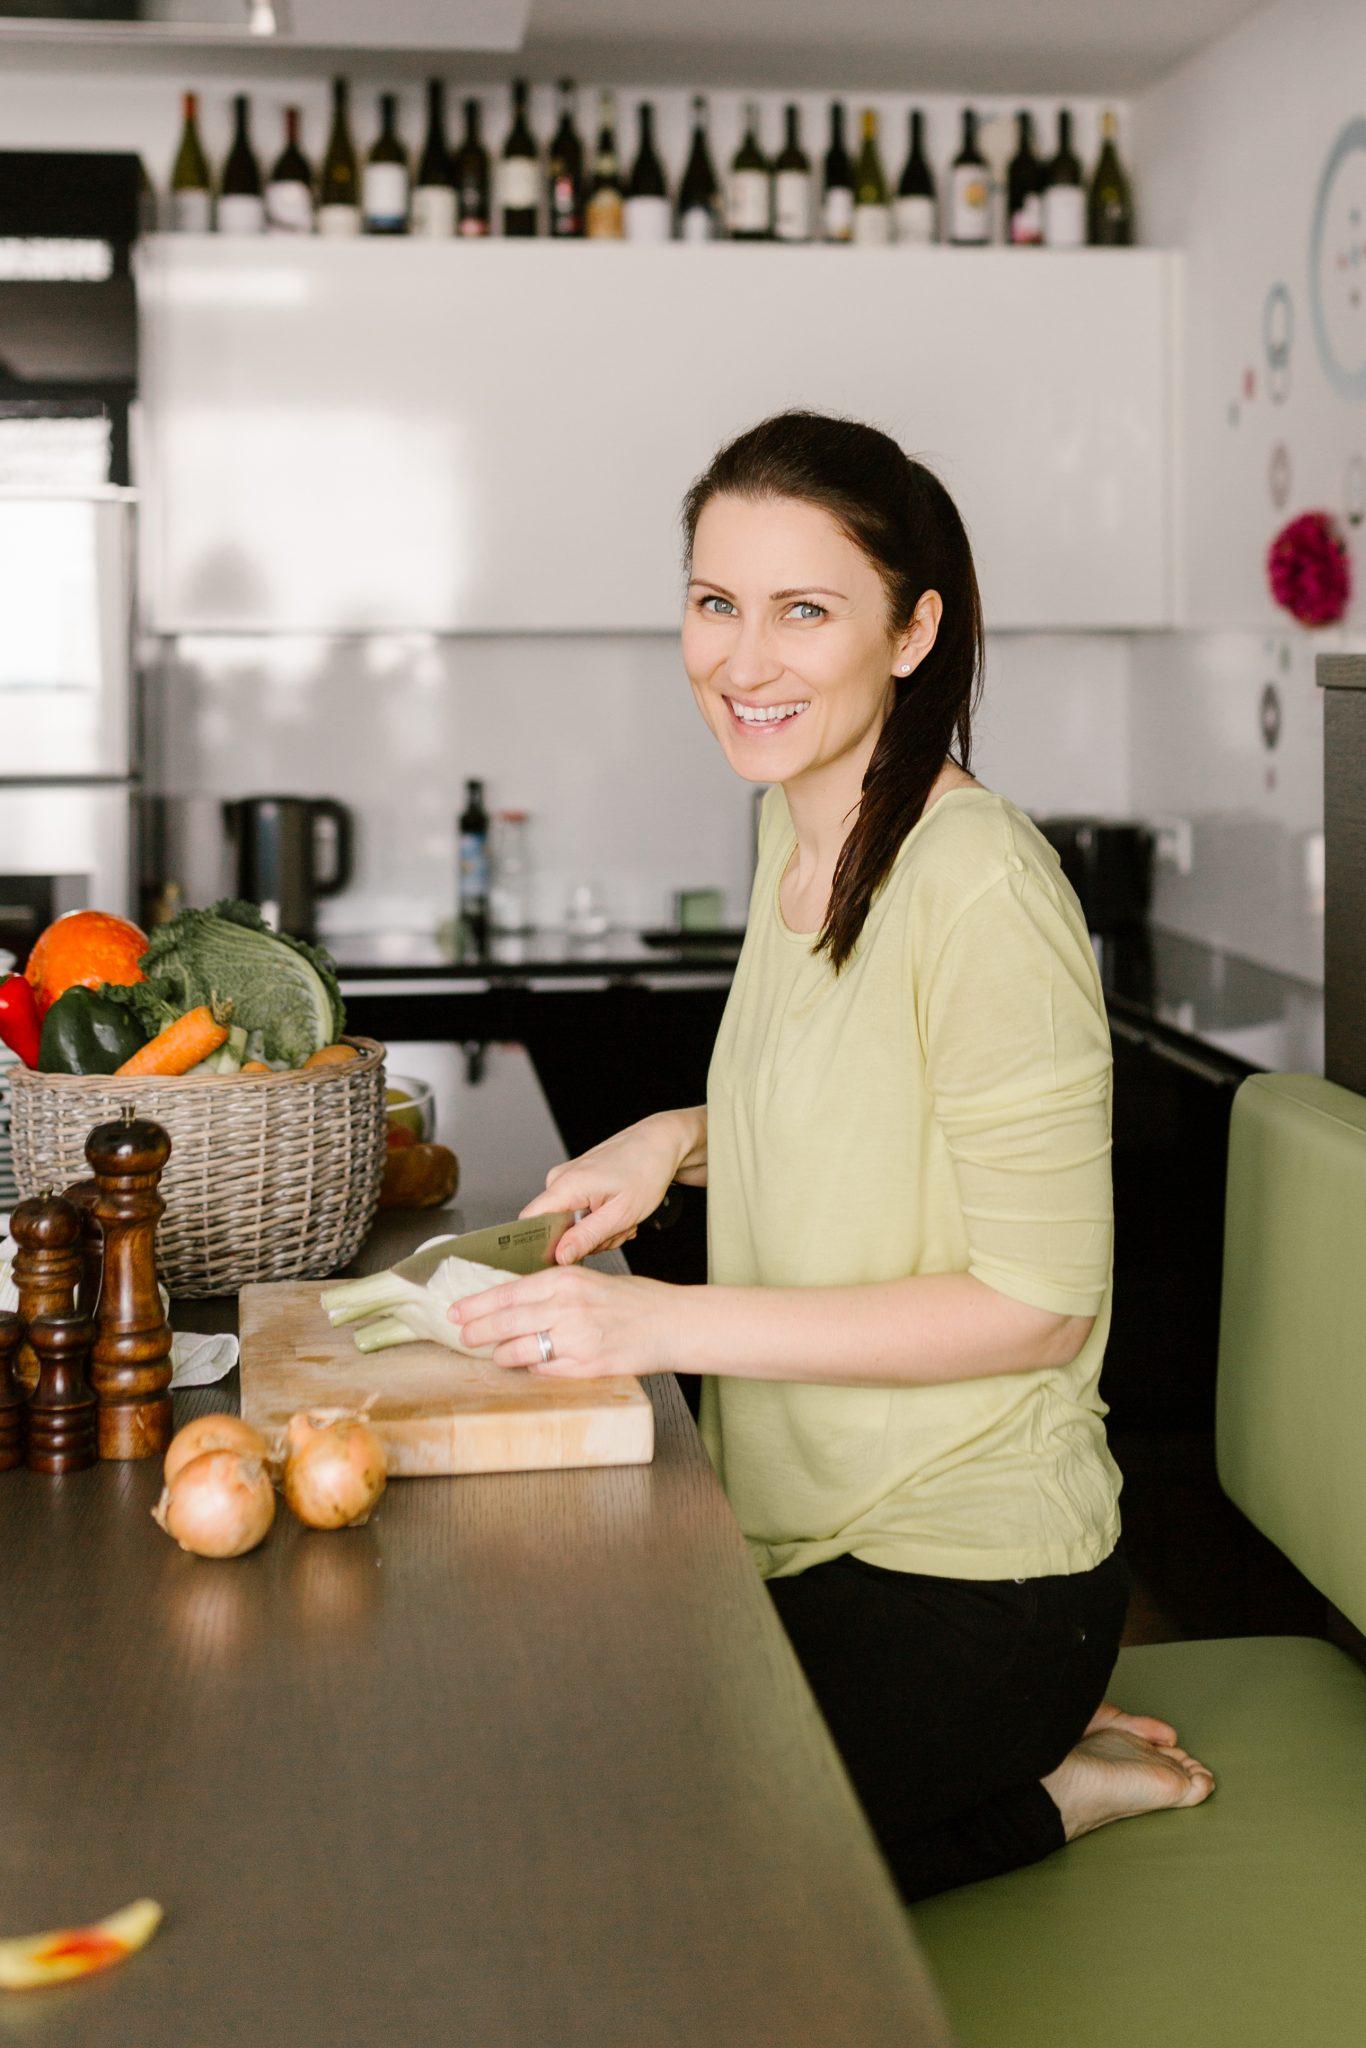 Anna Reschreiter - TCM Ernährung - 5 Elemente Ernährung - TCM Ernährungsberatung - TCM Durchstarterkurs - TCM Sommer Akademie